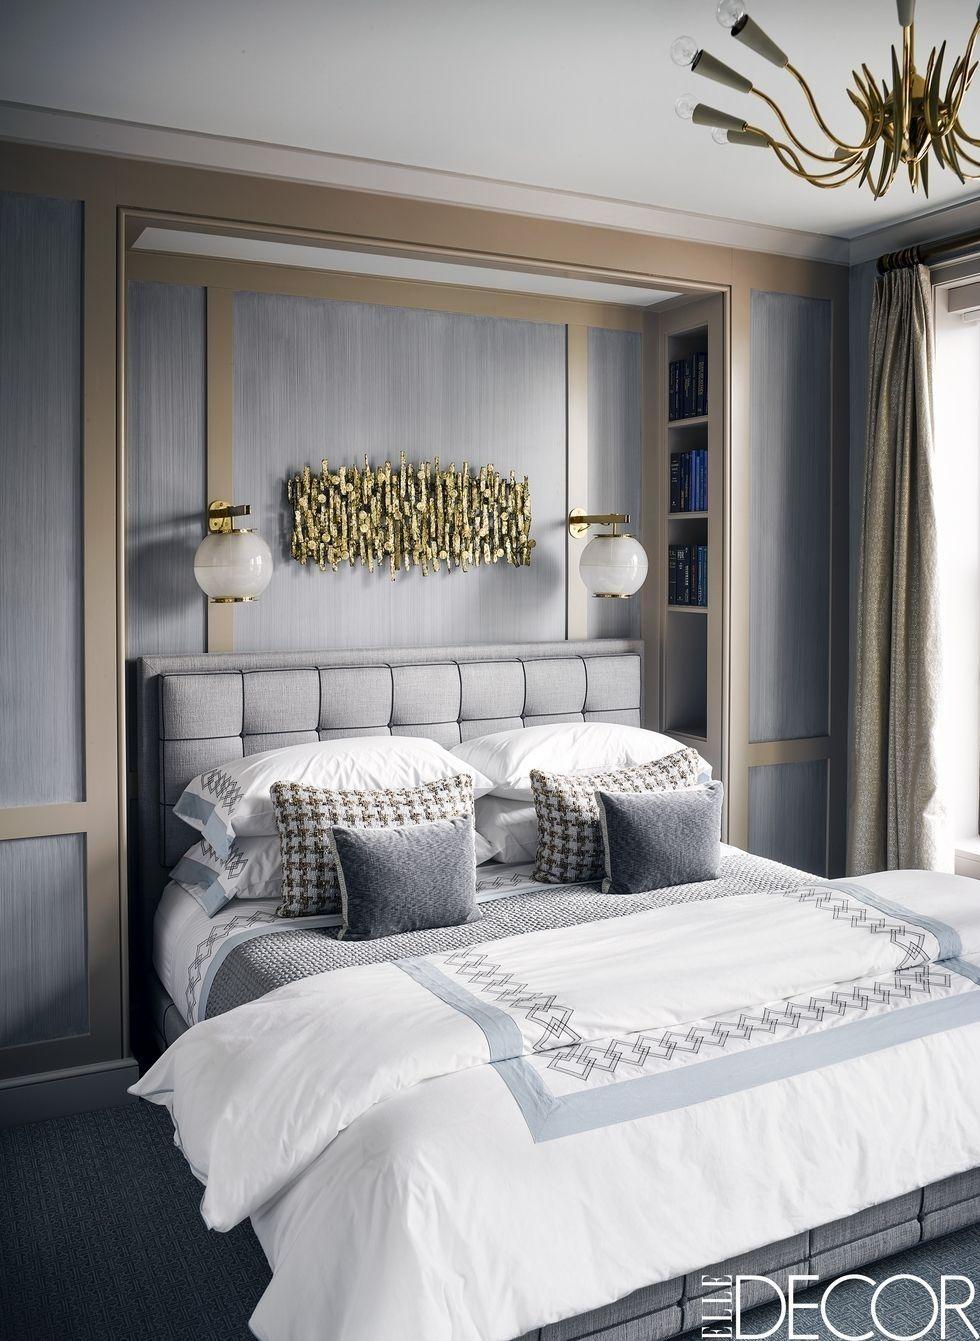 Lighting bed Headboard Bedroom Lighting Ideas Elle Decor 40 Bedroom Lighting Ideas Unique Lights For Bedrooms